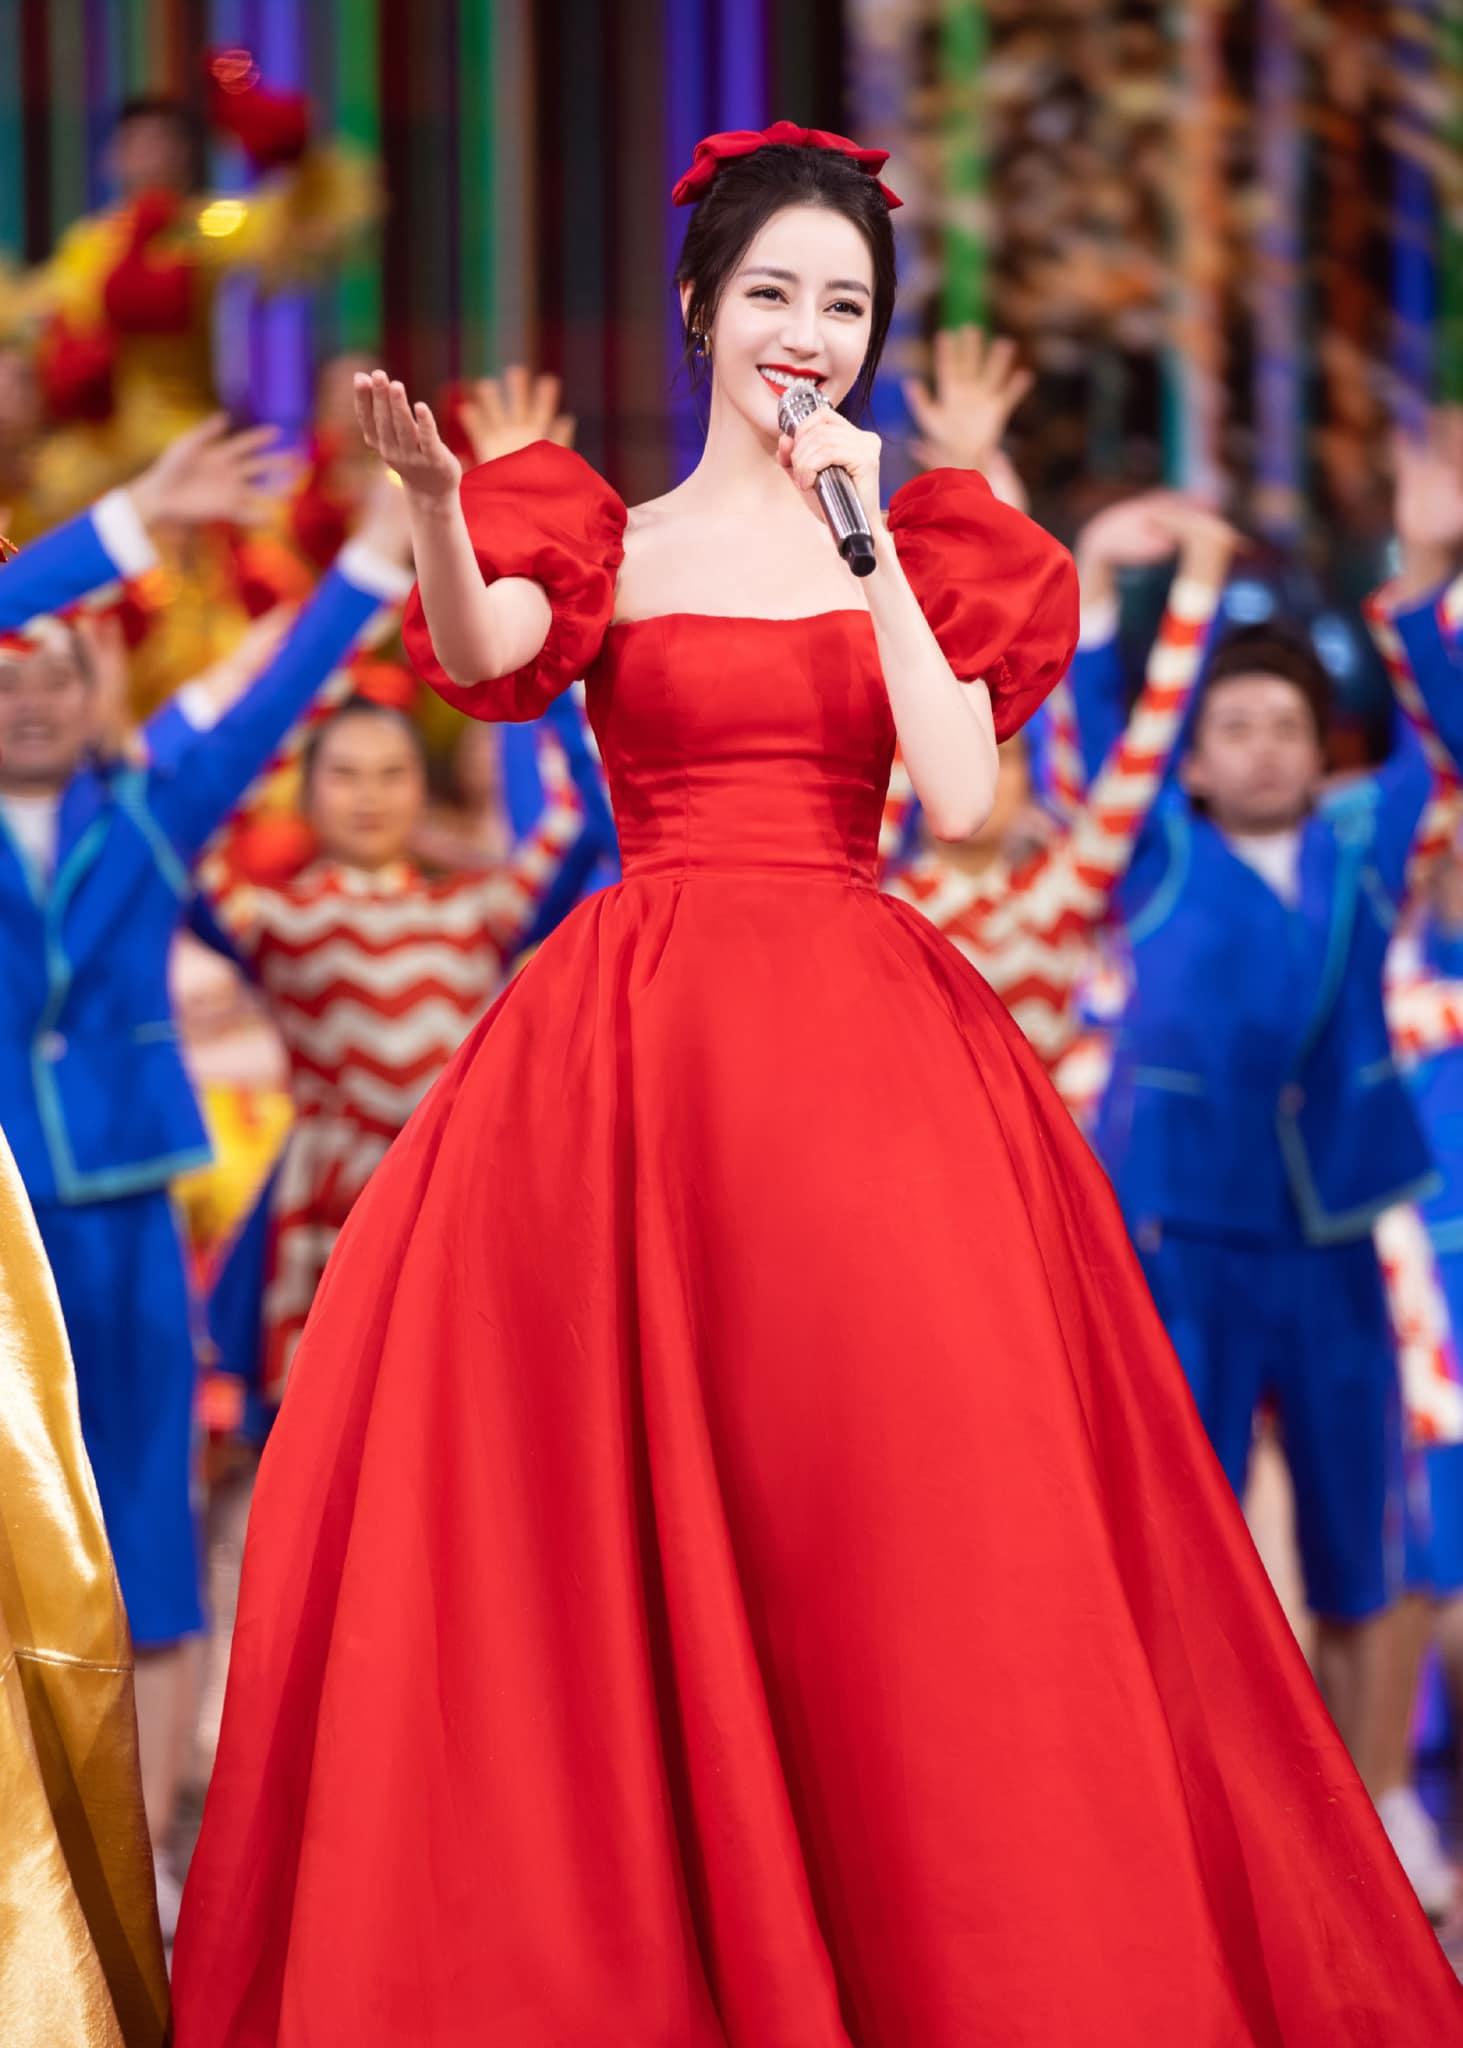 Hồi đầu năm nay, mỹ nhân Em là niềm kiêu hãnh của anh gây sốc visual khi xuất hiện trên sân khấu một sự kiện với trang phục được so sánh với nàng Bạch Tuyết.